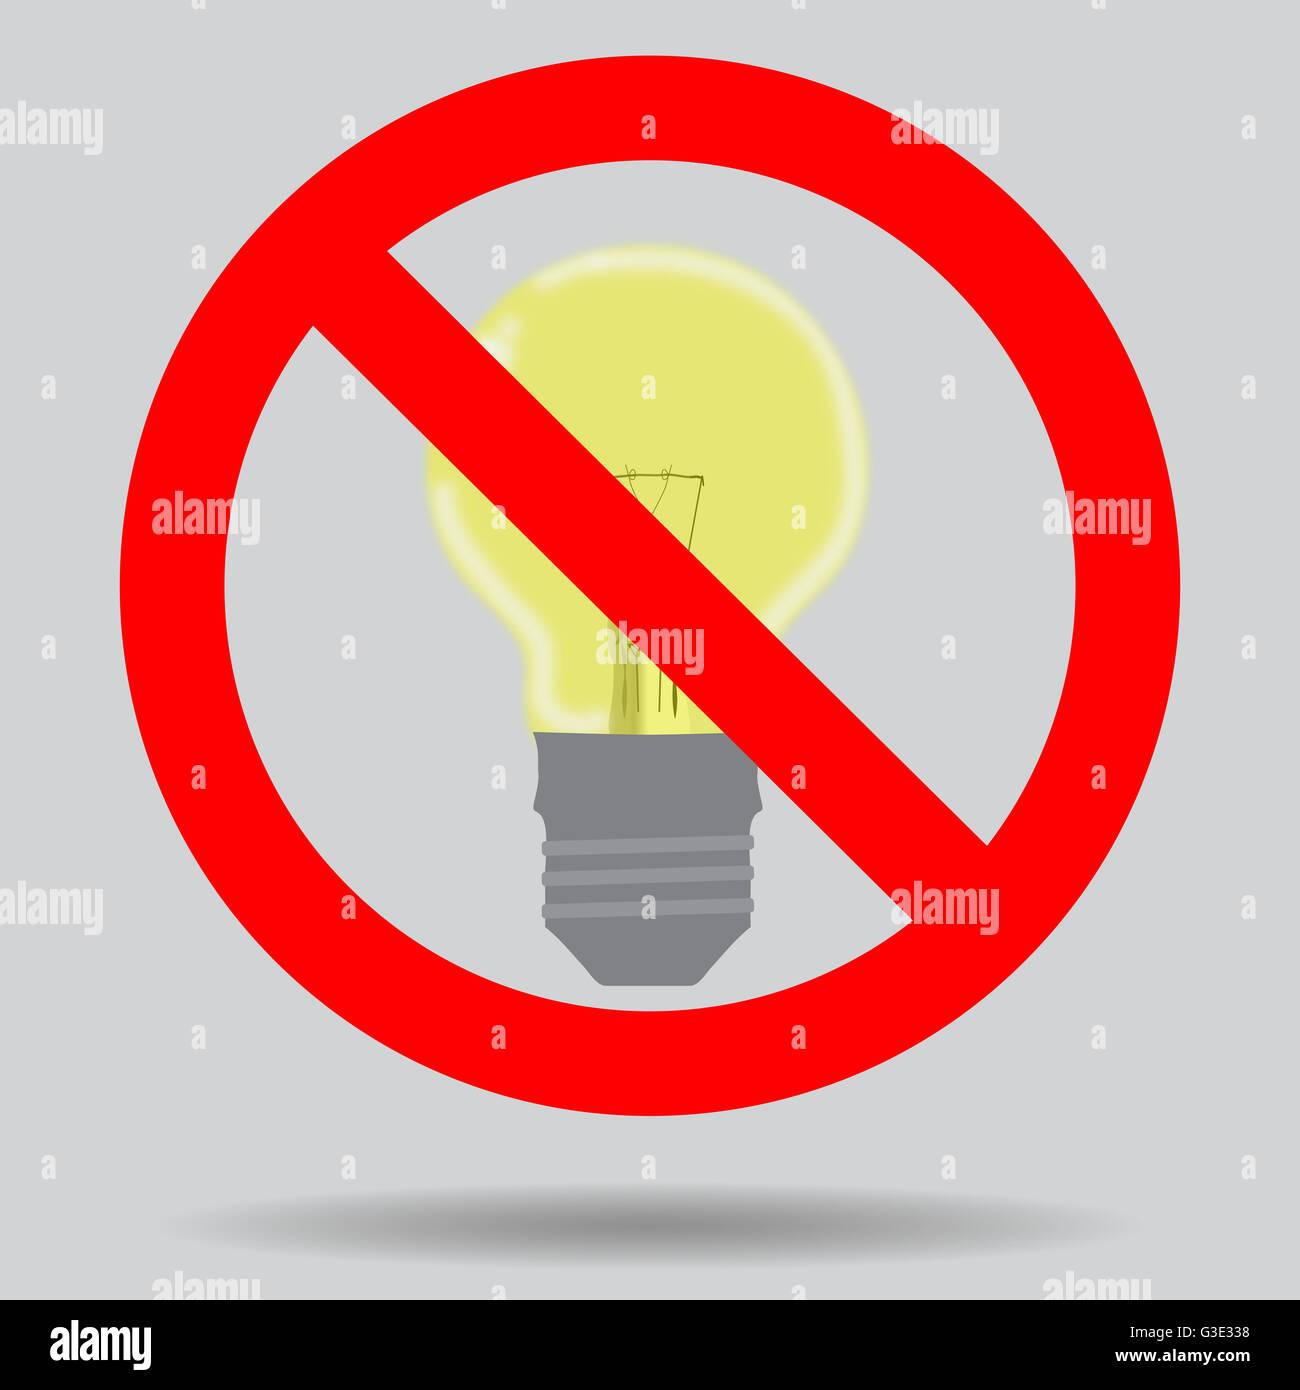 inscrivez vous teindre la lumi re pour conomiser de l 39 lectricit interdiction d 39 illustration. Black Bedroom Furniture Sets. Home Design Ideas